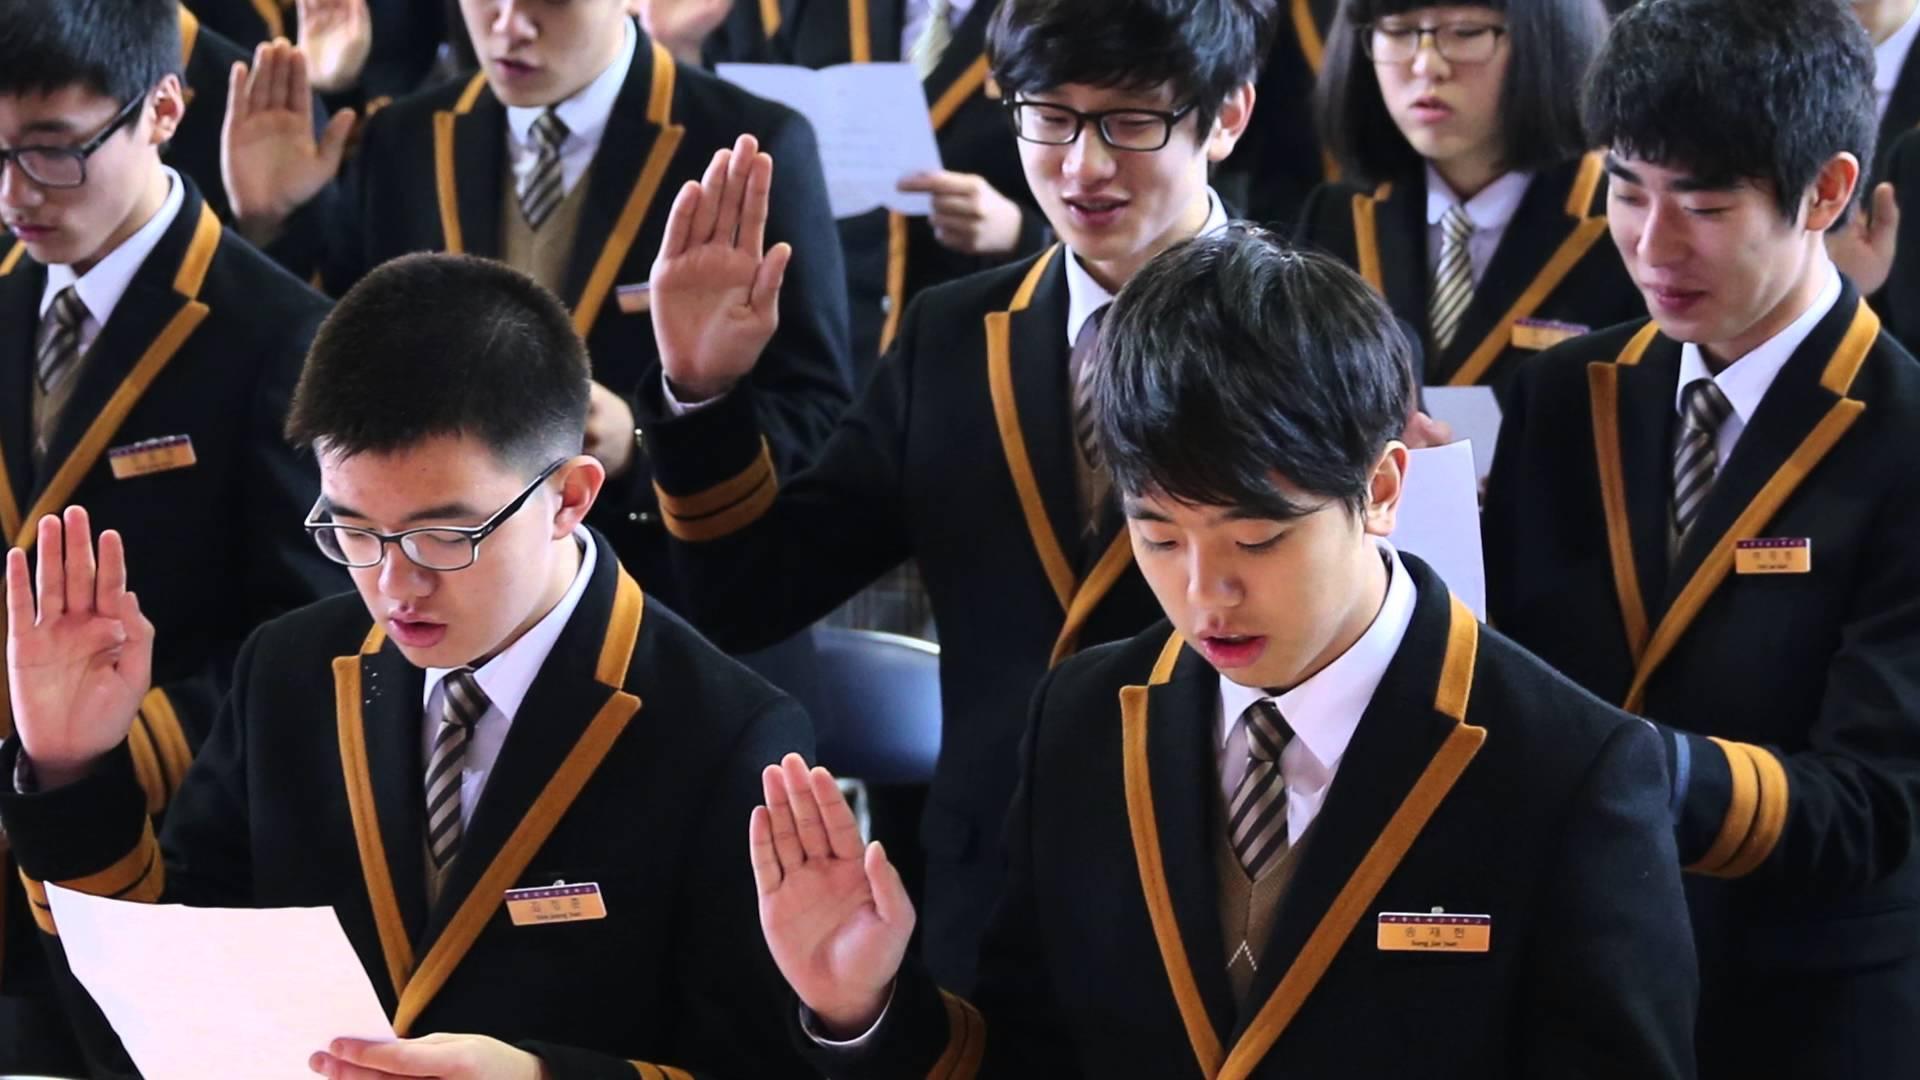 Sistemele de învăţământ performante, Coreea de Sud